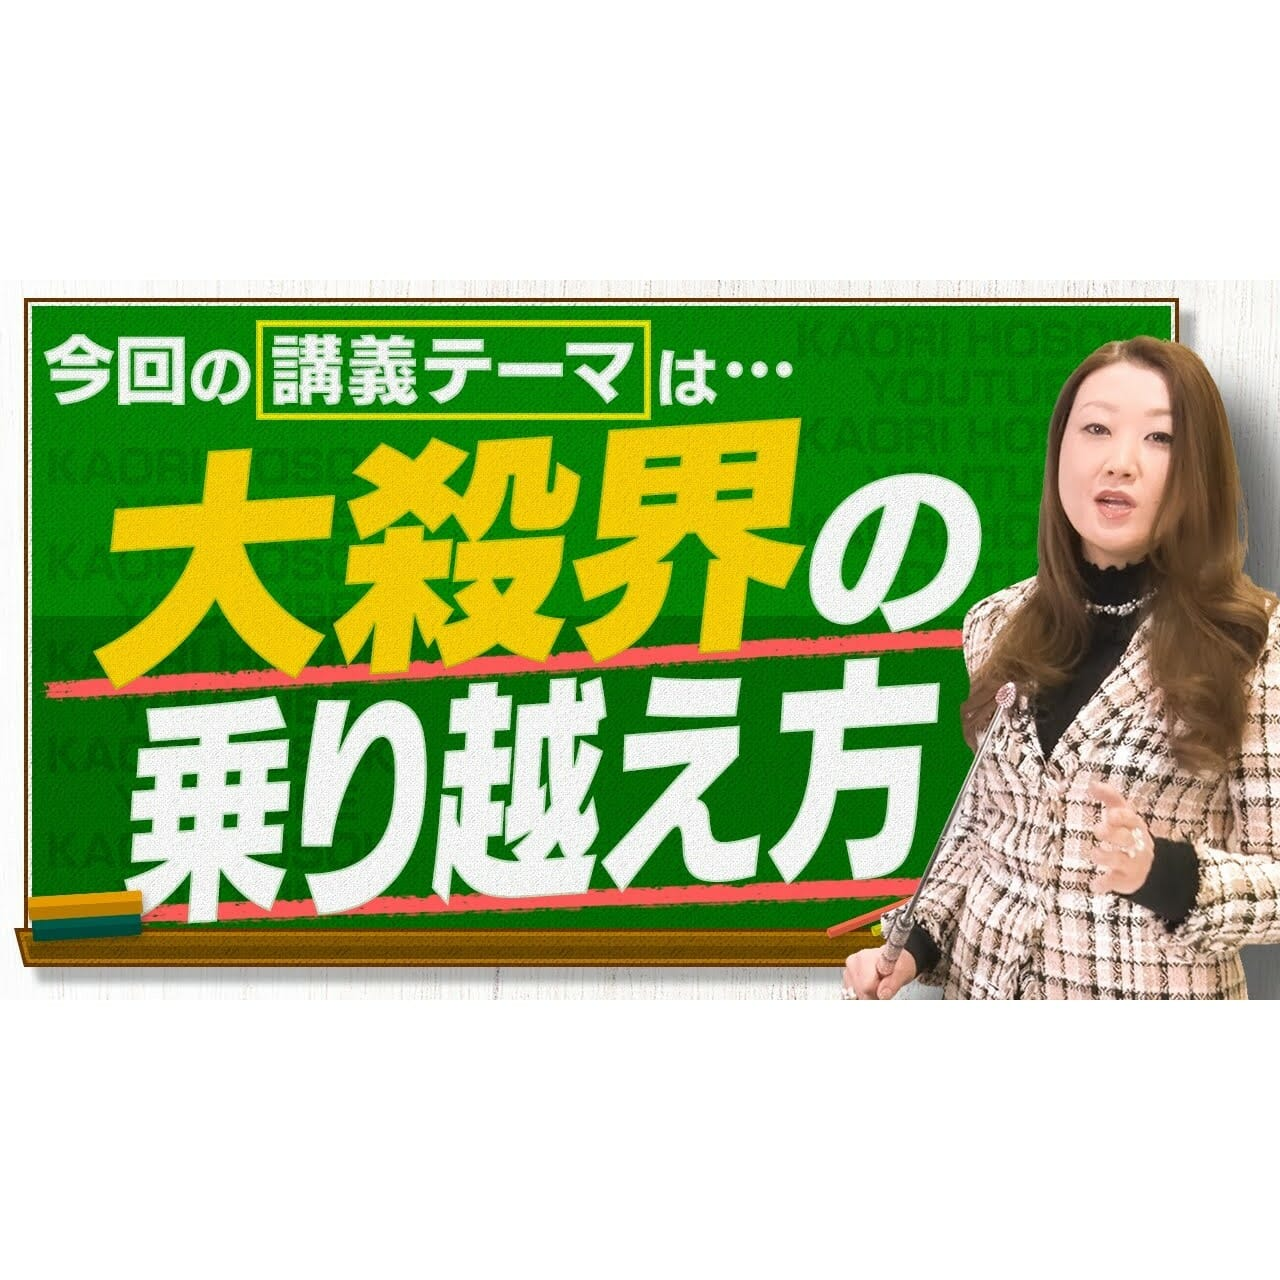 【六星占術】大殺界の乗り越え方